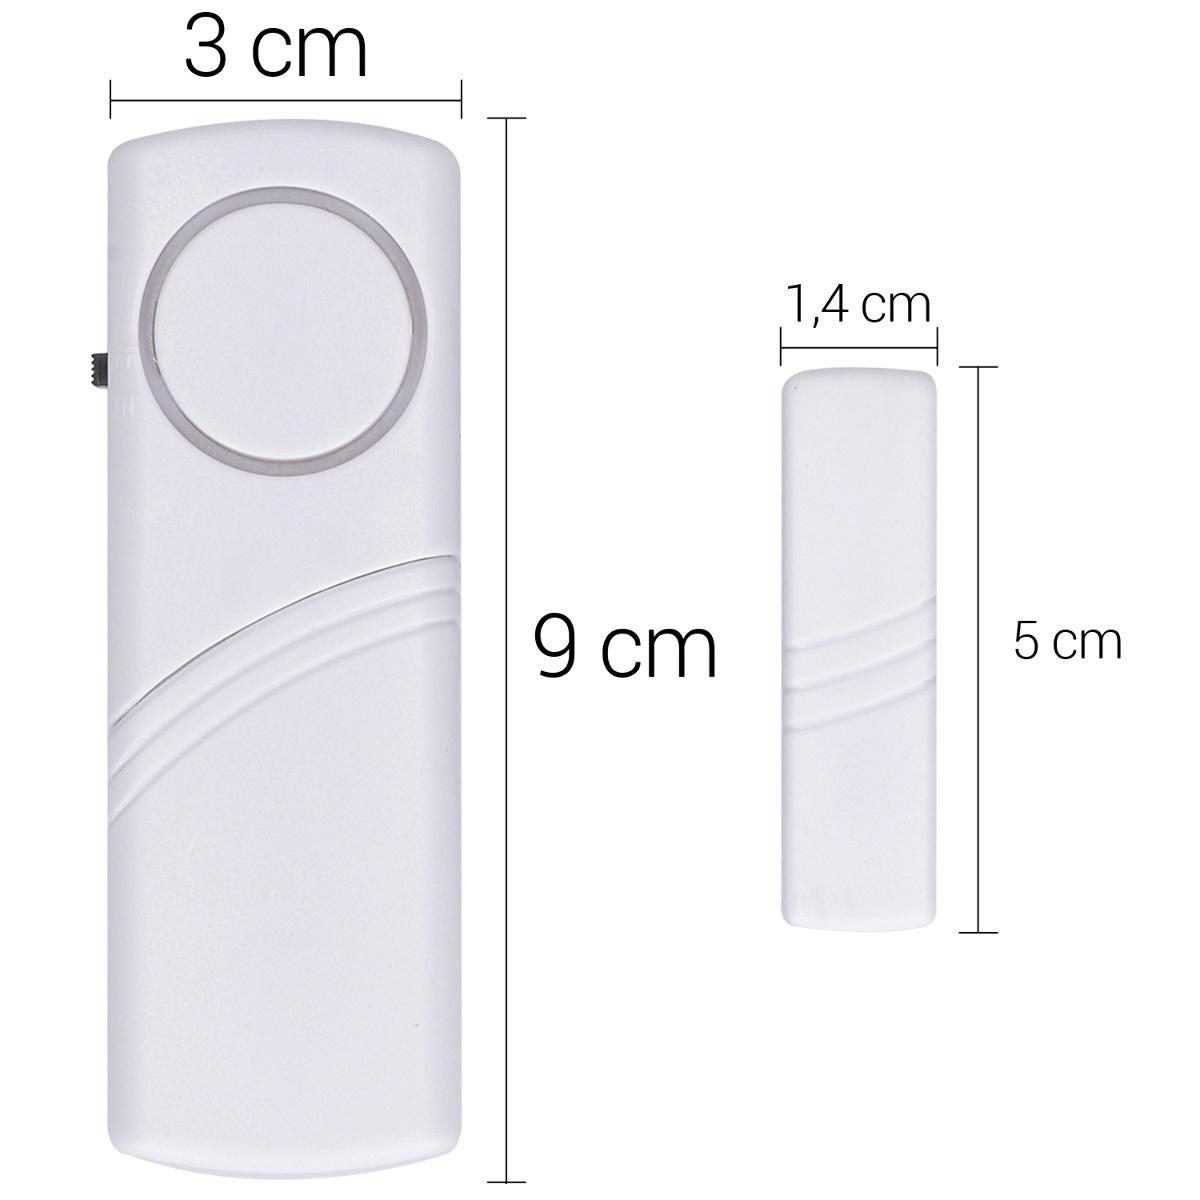 4x fenster t r alarm einbruchschutz akustisch drahtlos alarmanlage 100db sirene ebay. Black Bedroom Furniture Sets. Home Design Ideas